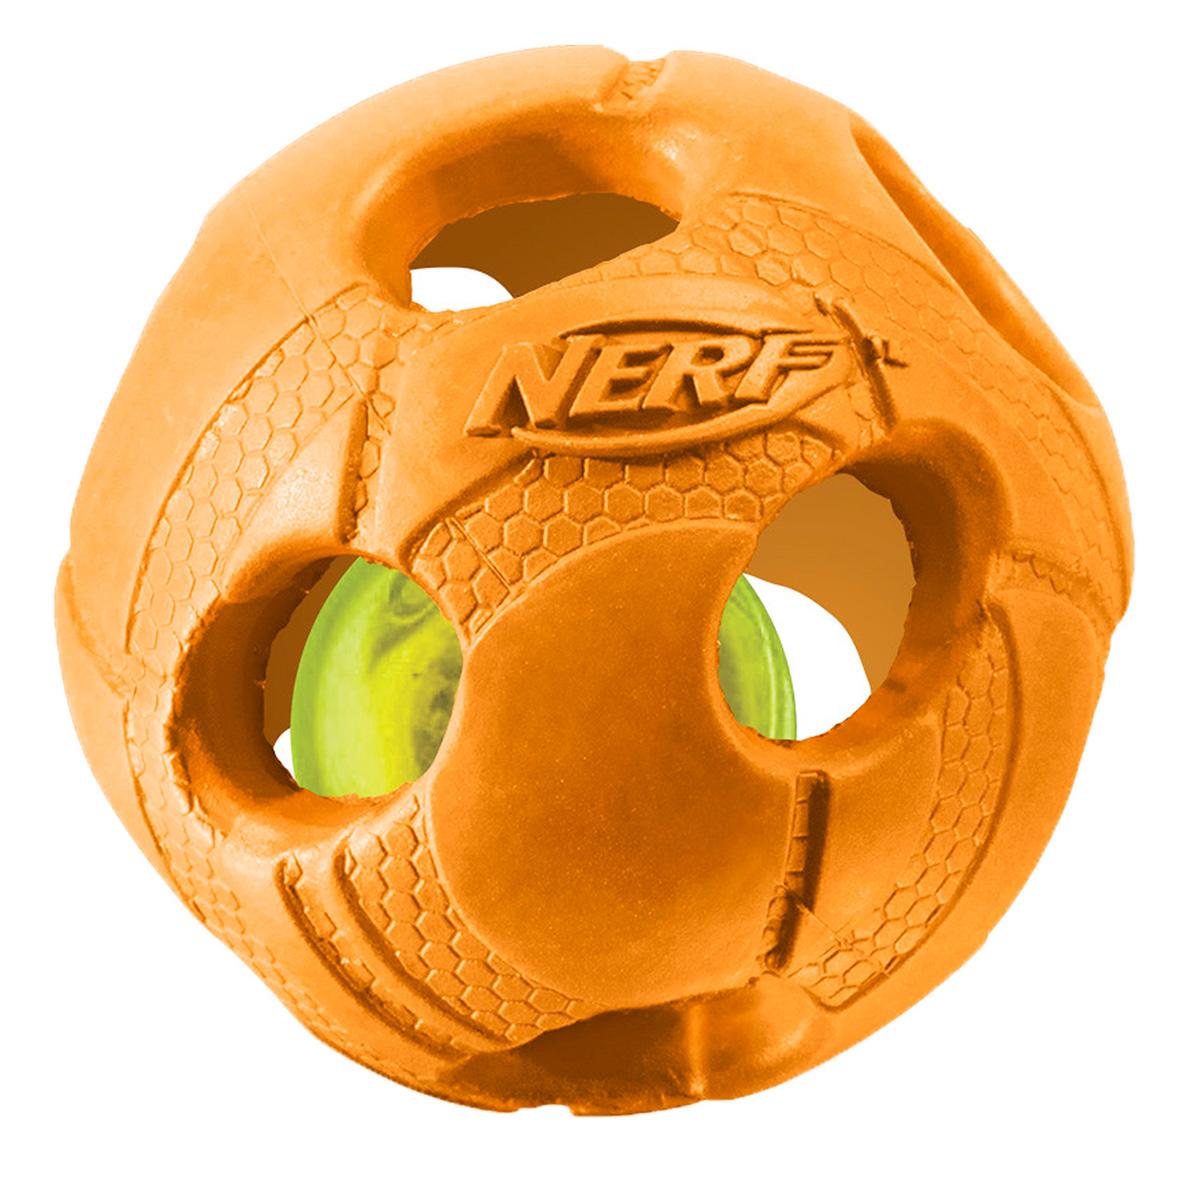 Игрушка для собак Nerf Мяч, светящийся, цвет: оранжевый, 9 см01010_красныйМяч Nerf состоит из двух слоев прочной резины с отверстиями и LED-лампой внутри.LED при ударе начинает мигать, что приводит собаку в восторг, вдохновляя на игру.Оптимально для игры в темное время суток.Подходит собакам с мощной челюстью.Мяч имеет интересный рельефный рисунок.Диаметр: 9 см.